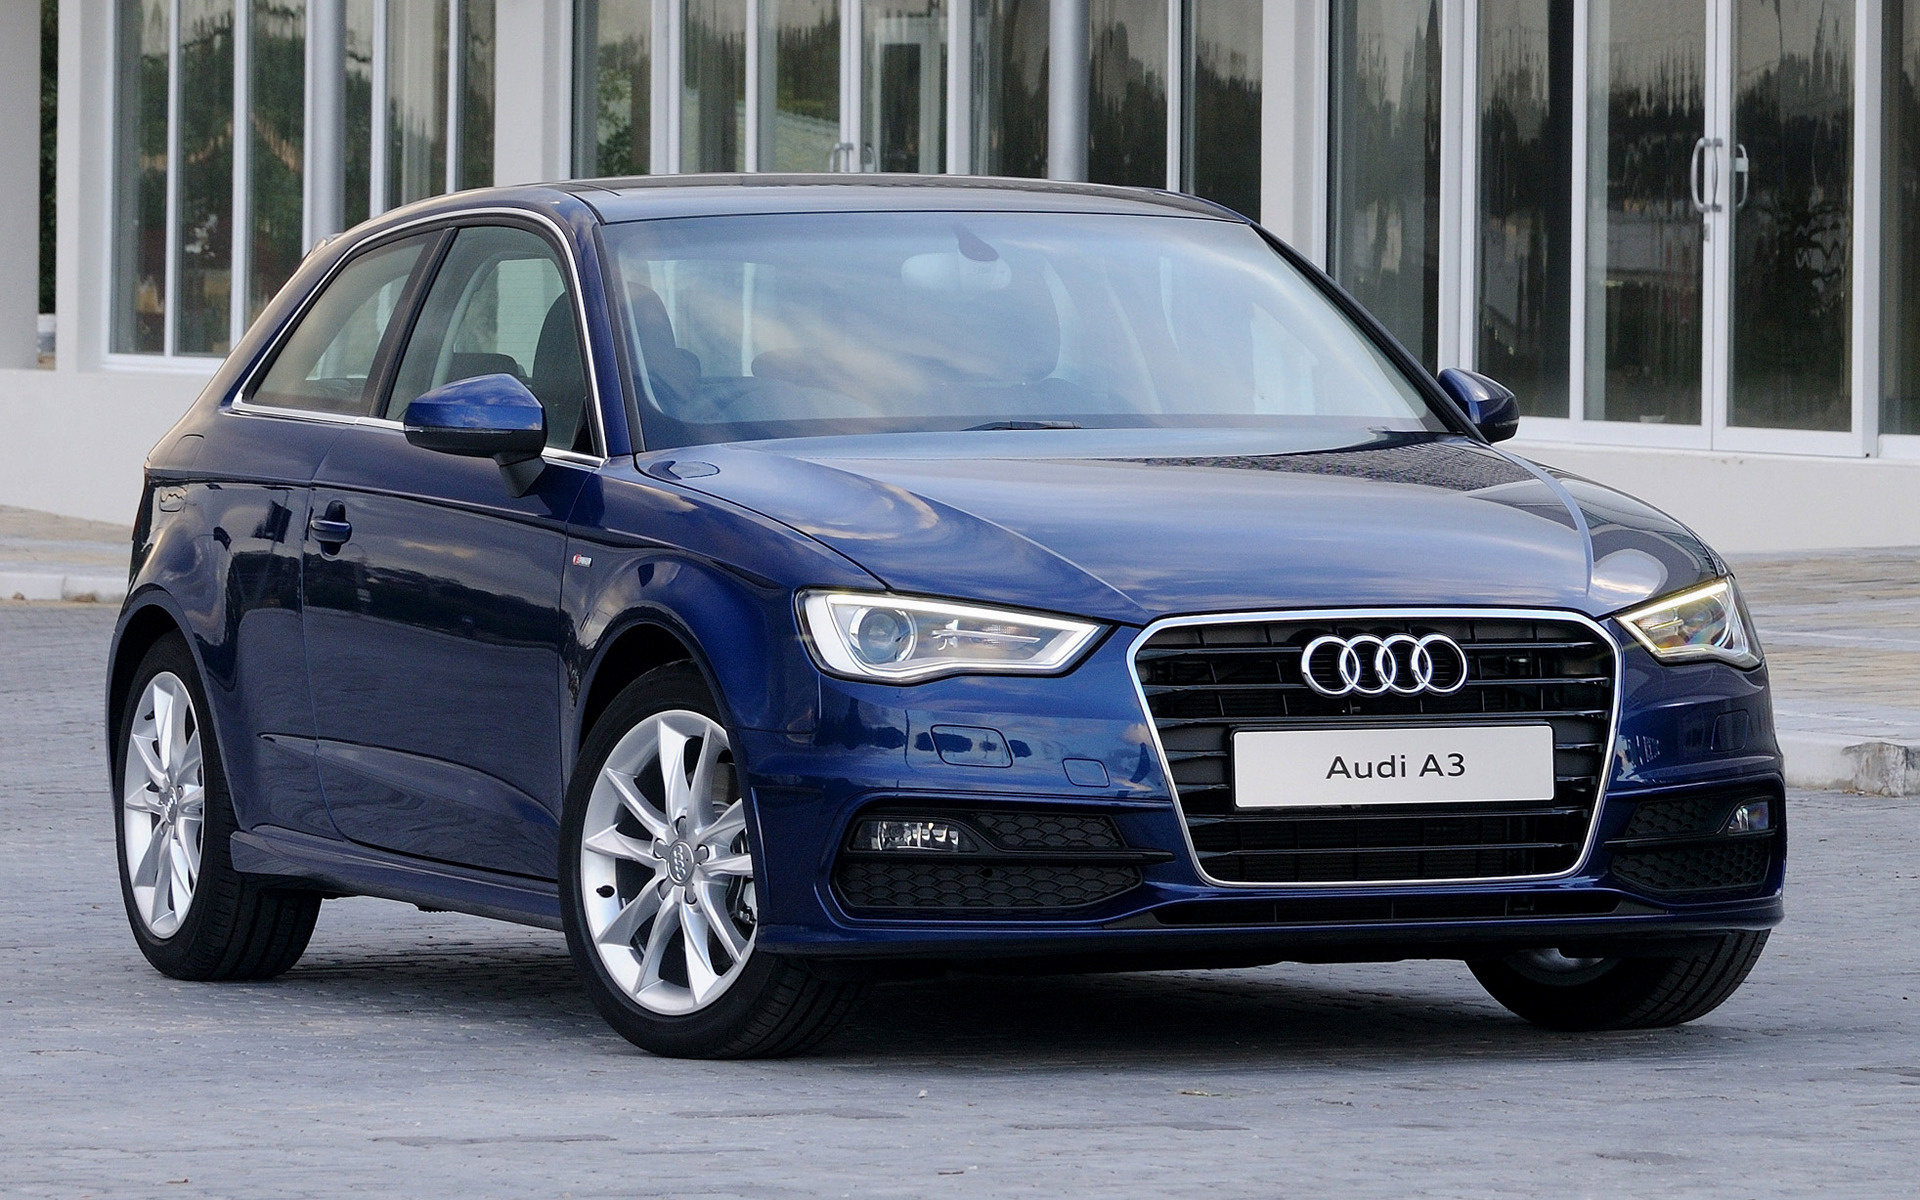 Audi A3 S Line Blue Best Auto Galerie